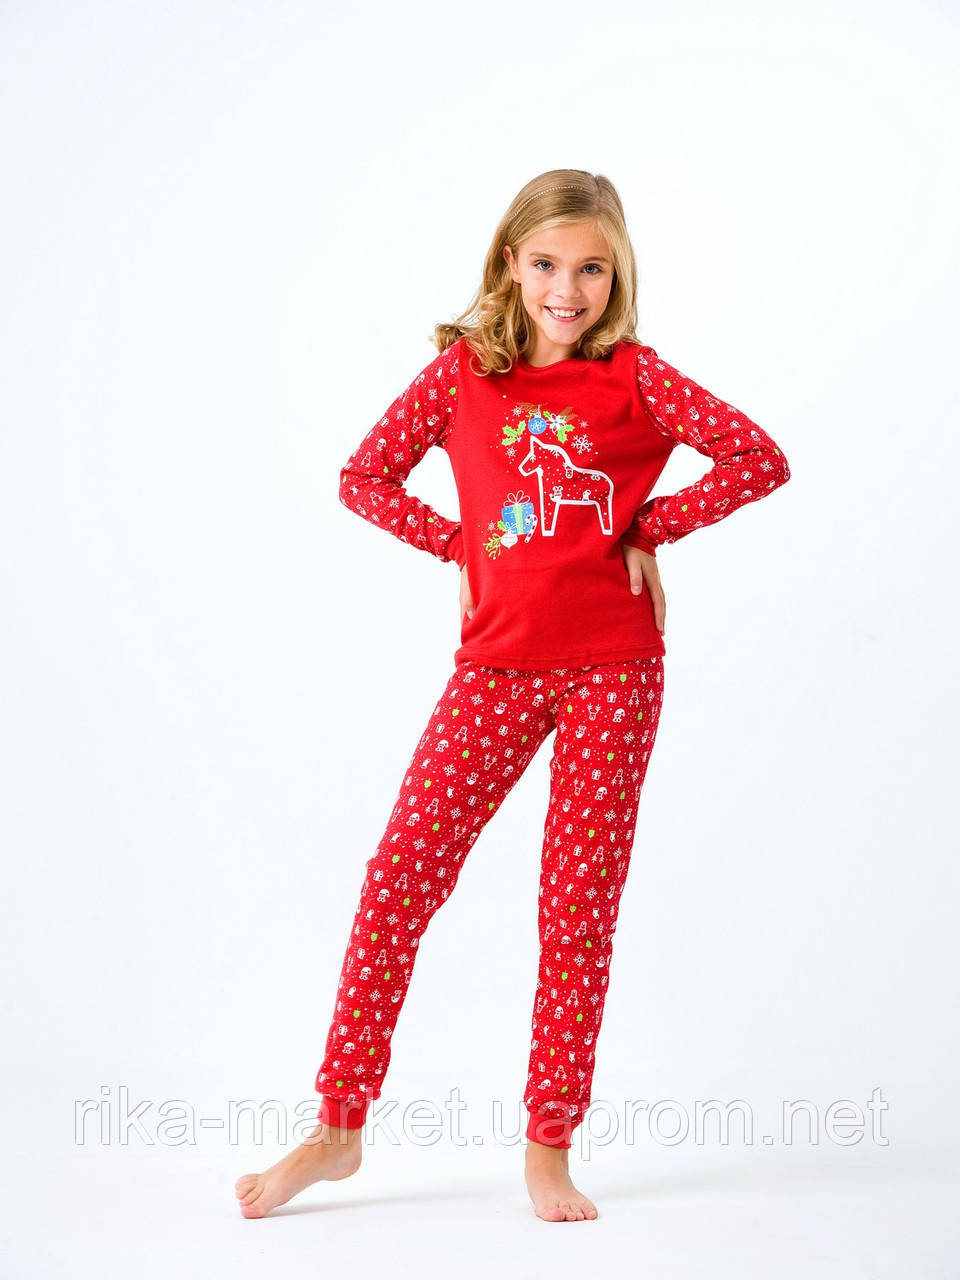 Детская пижама Smil в коробке, 104388, от 2 до 6 лет